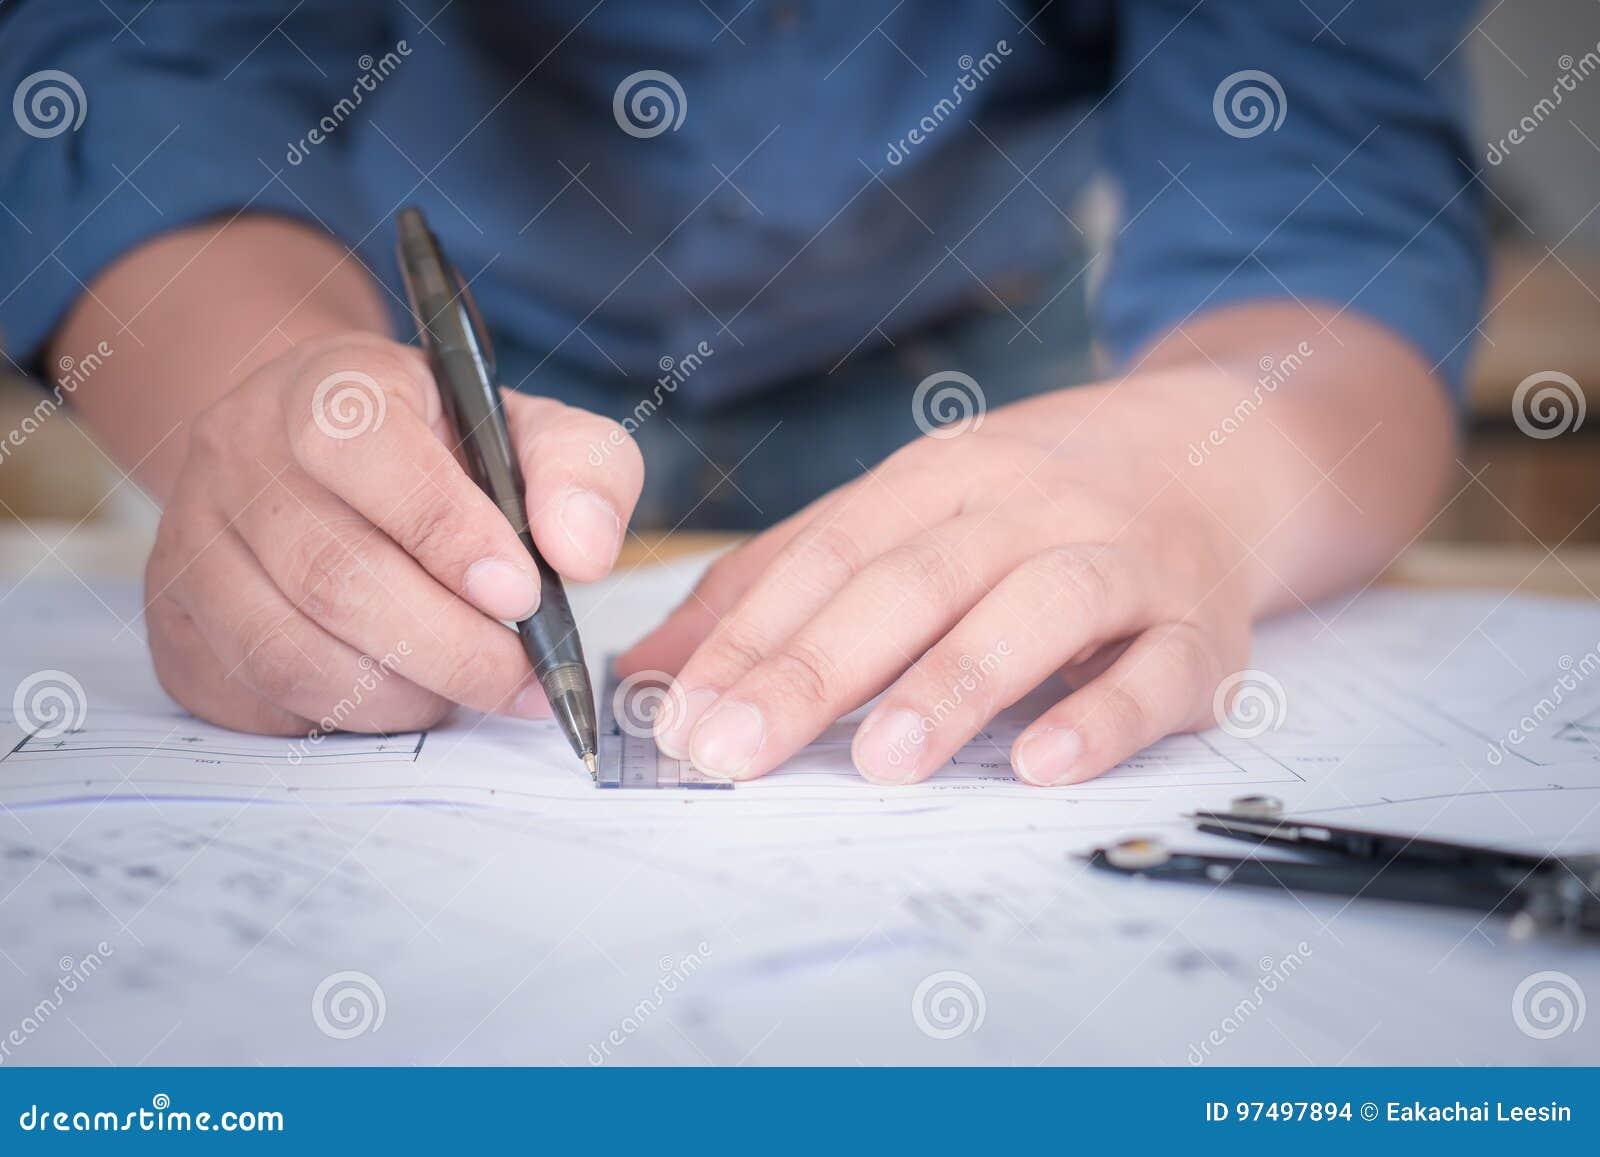 Architetto o pianificatore che lavora ai disegni per costruzione